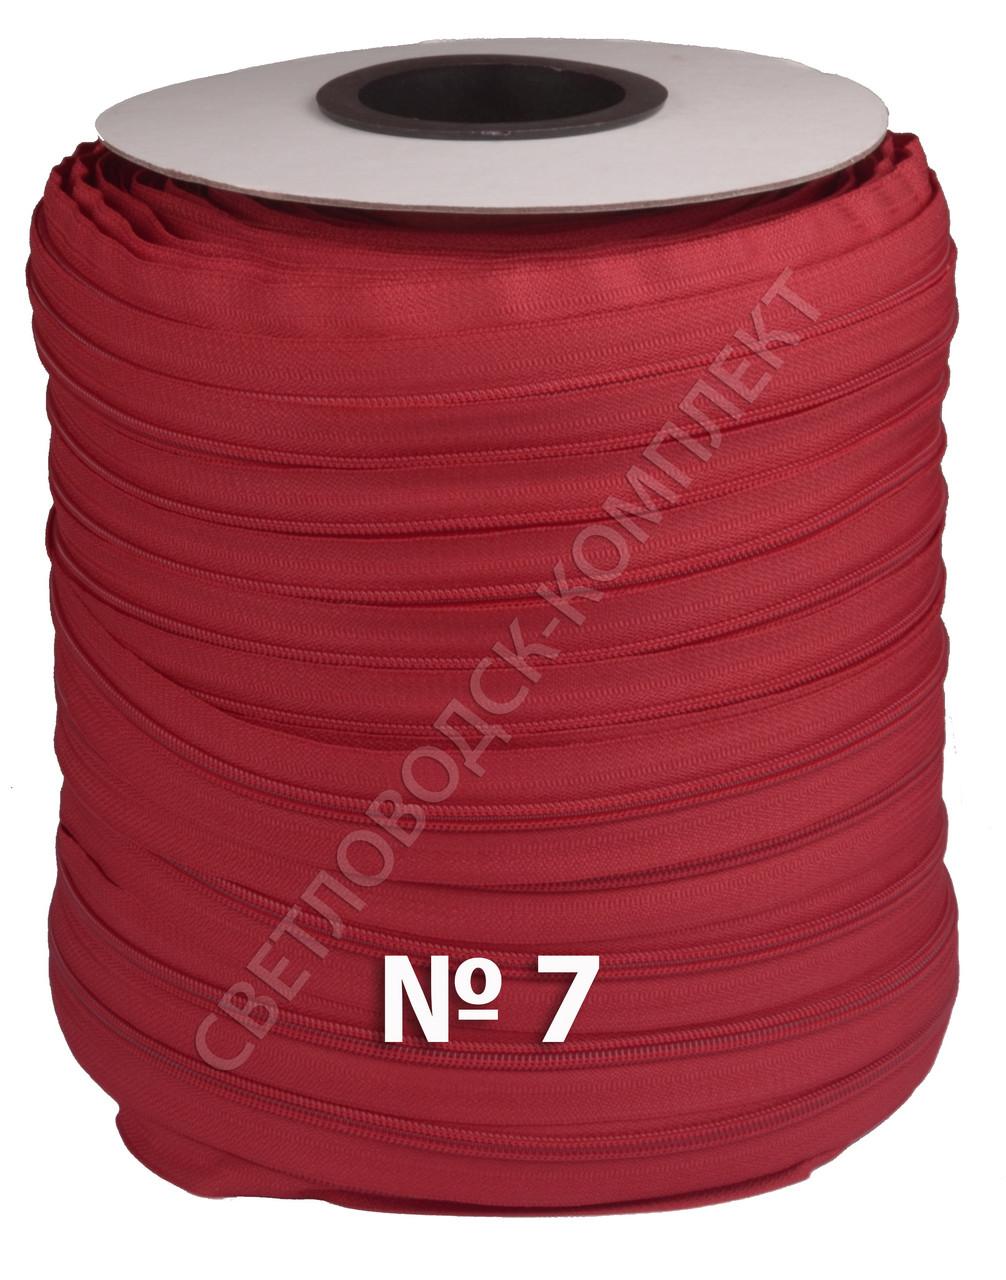 Молния спиральная метражная №7, 200 м в бобине, тип-1, цв. красный (С171)